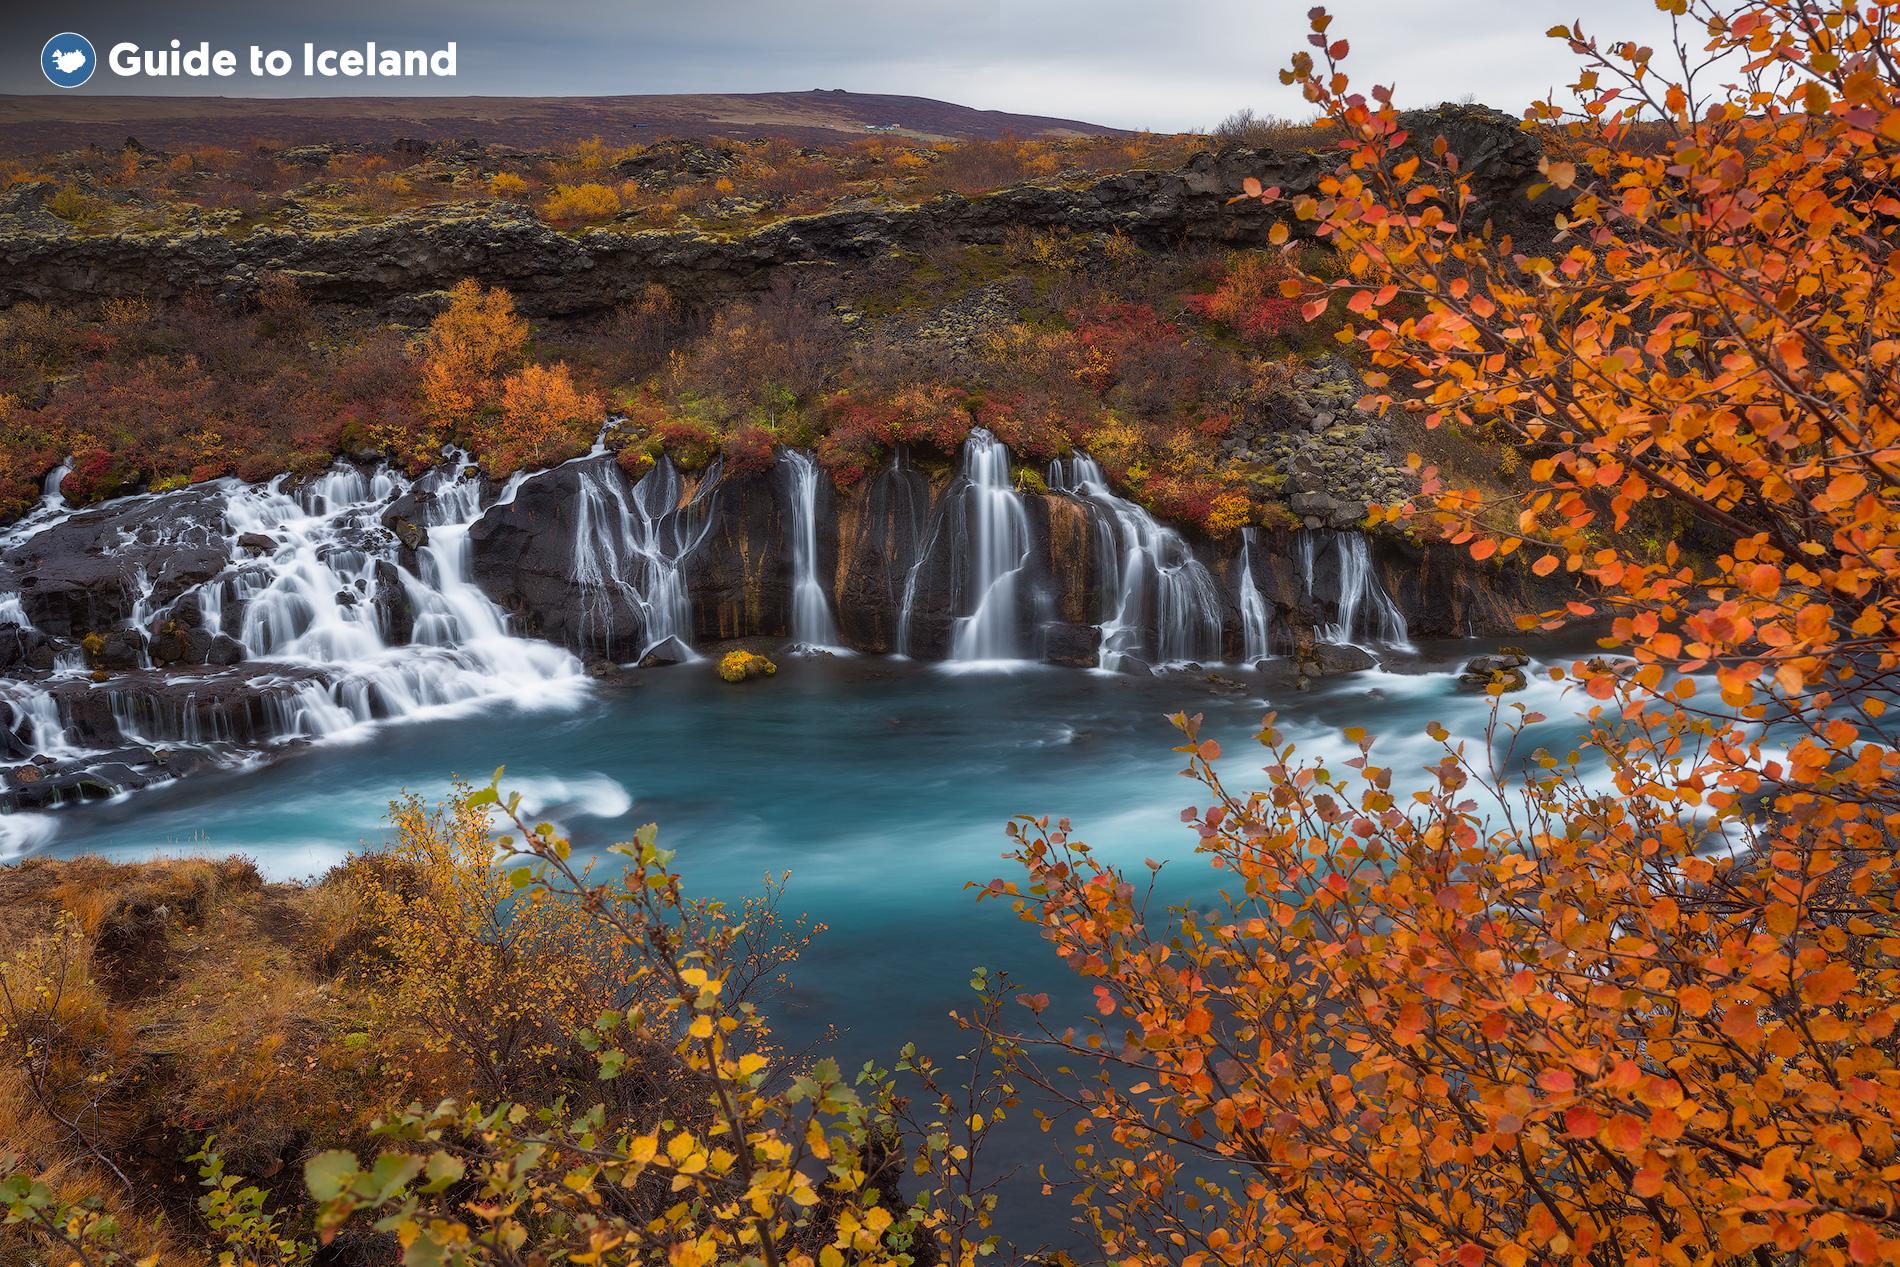 アイスランド北部の海にそびえるクヴィートセルクルの岩のシルエットは水を飲む象のようだと言われることもある